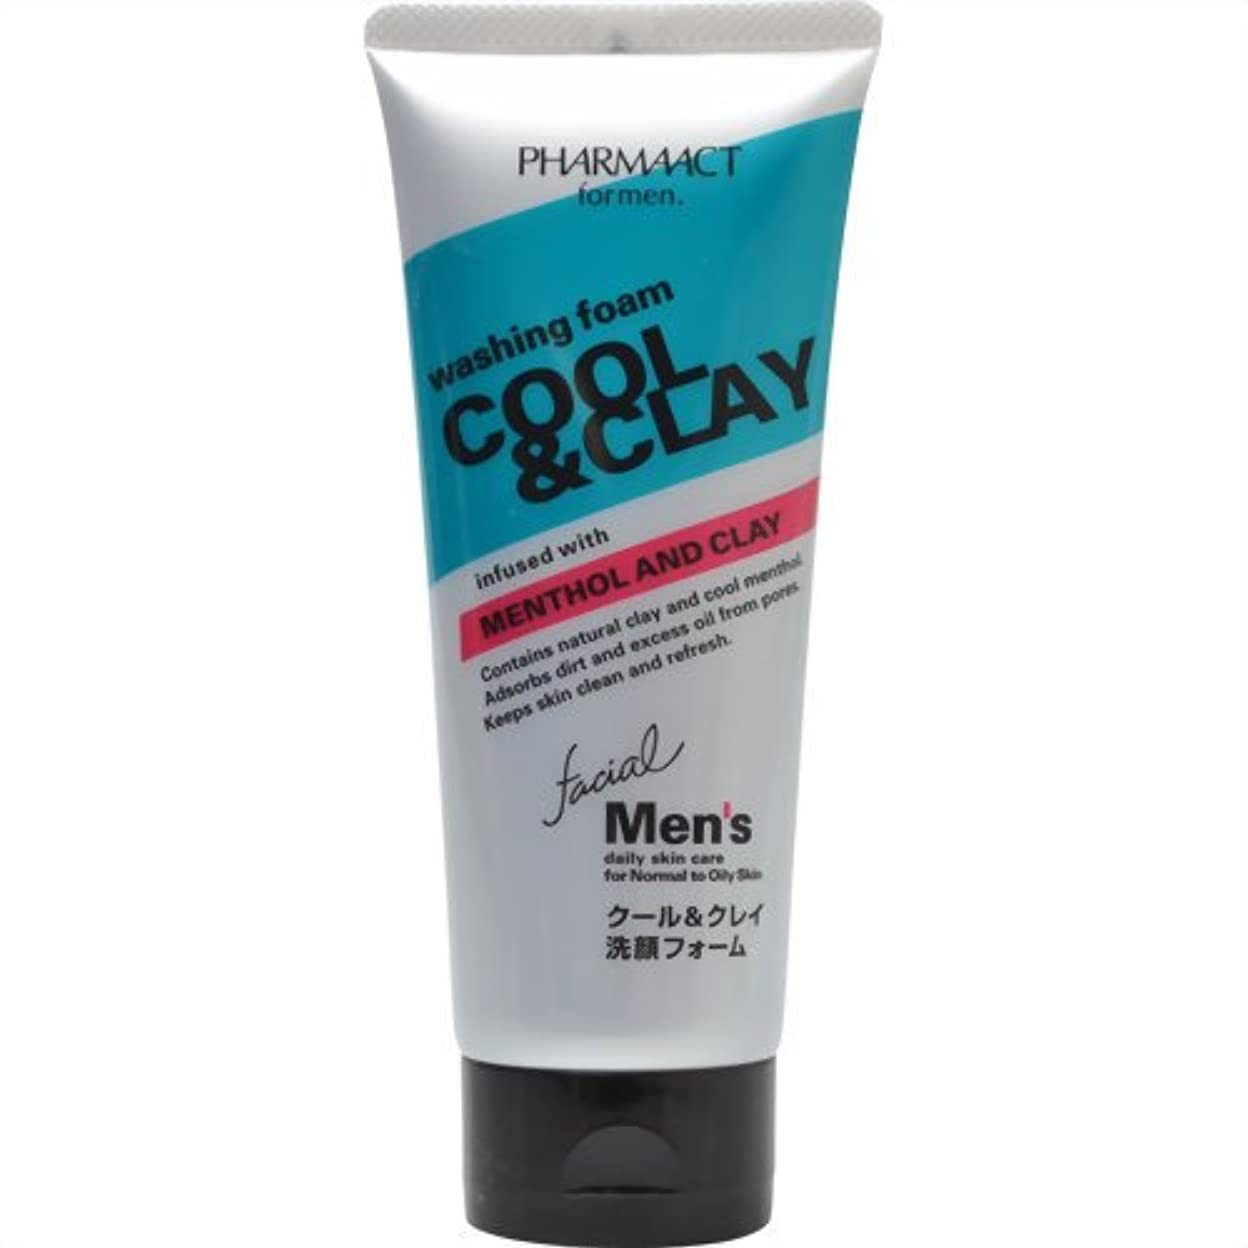 ラグ単調な機構ファーマアクト メンズ クール&クレイ洗顔フォーム 130g